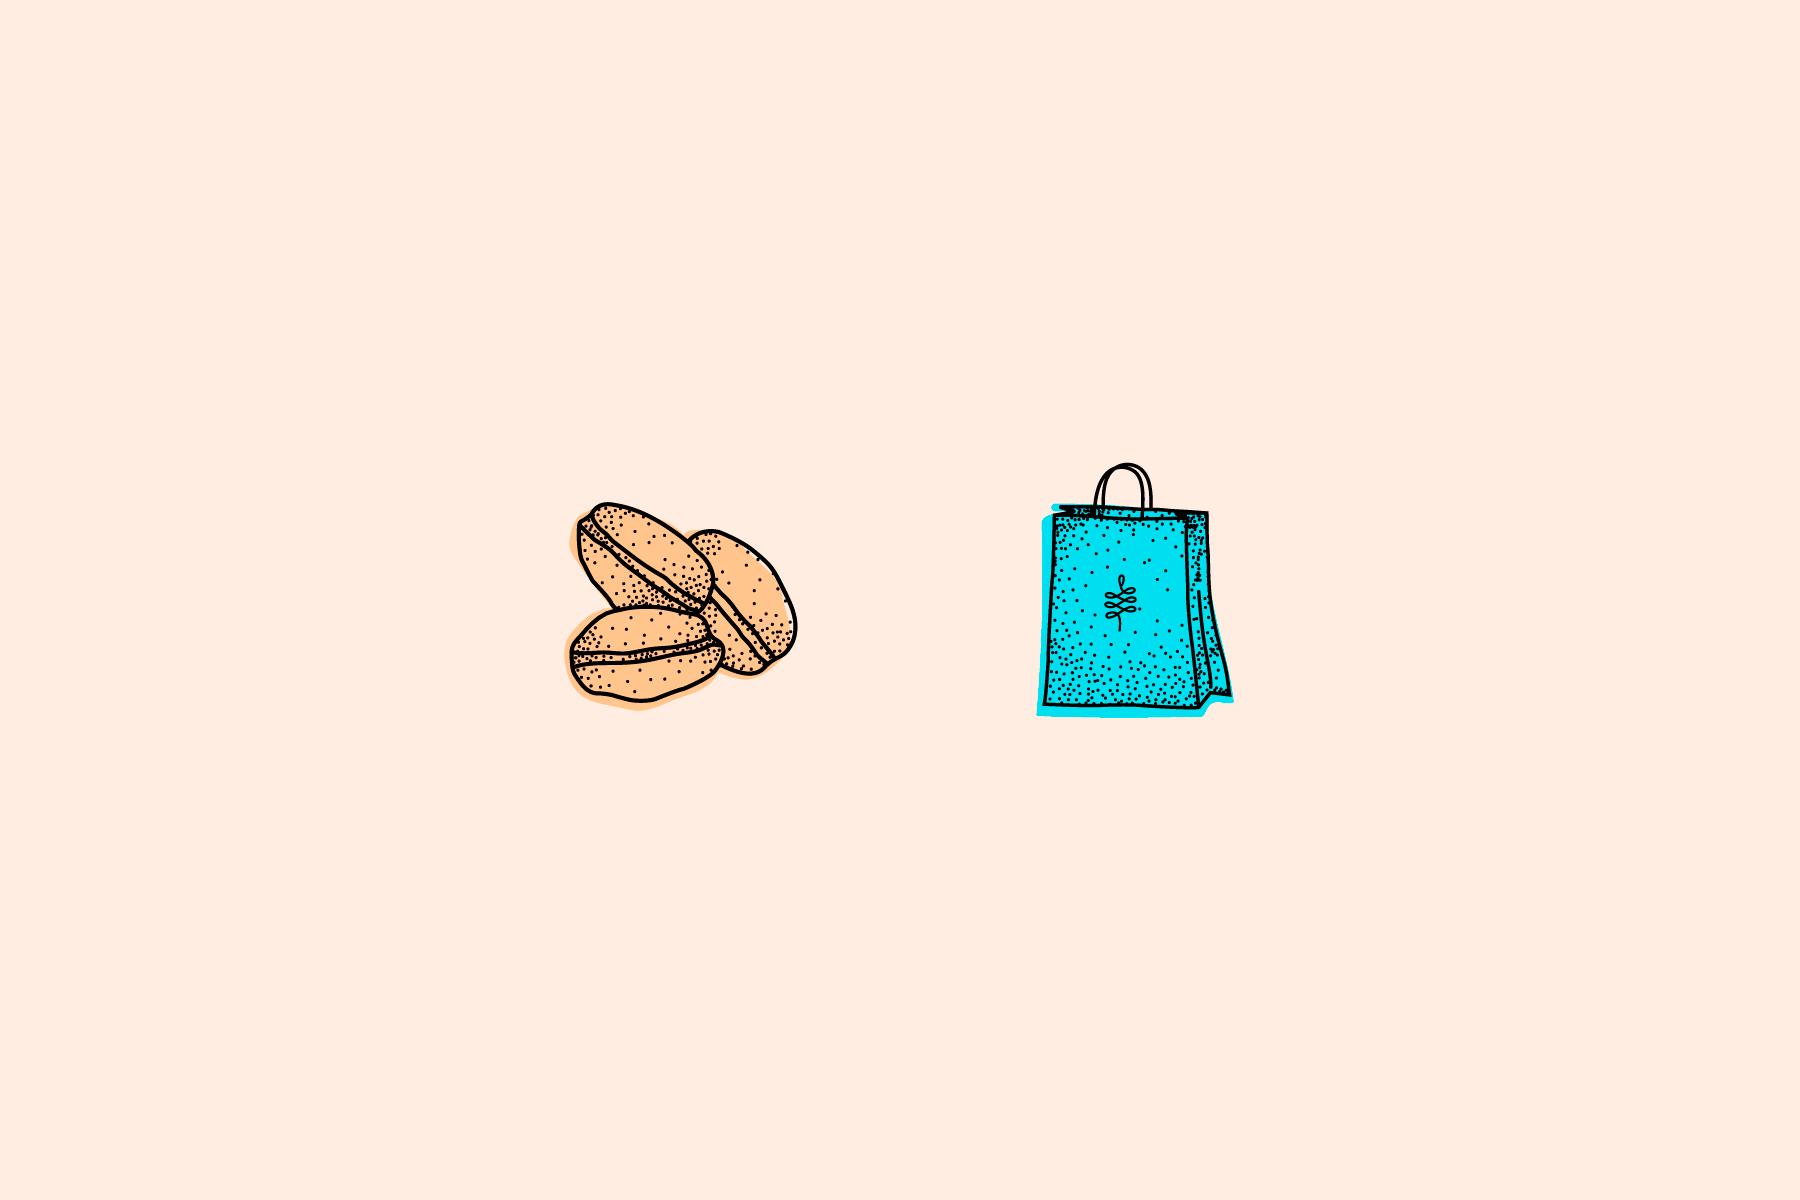 Ilustraciones - Pan y Mantequilla - Pamela Machado - Diseñadora